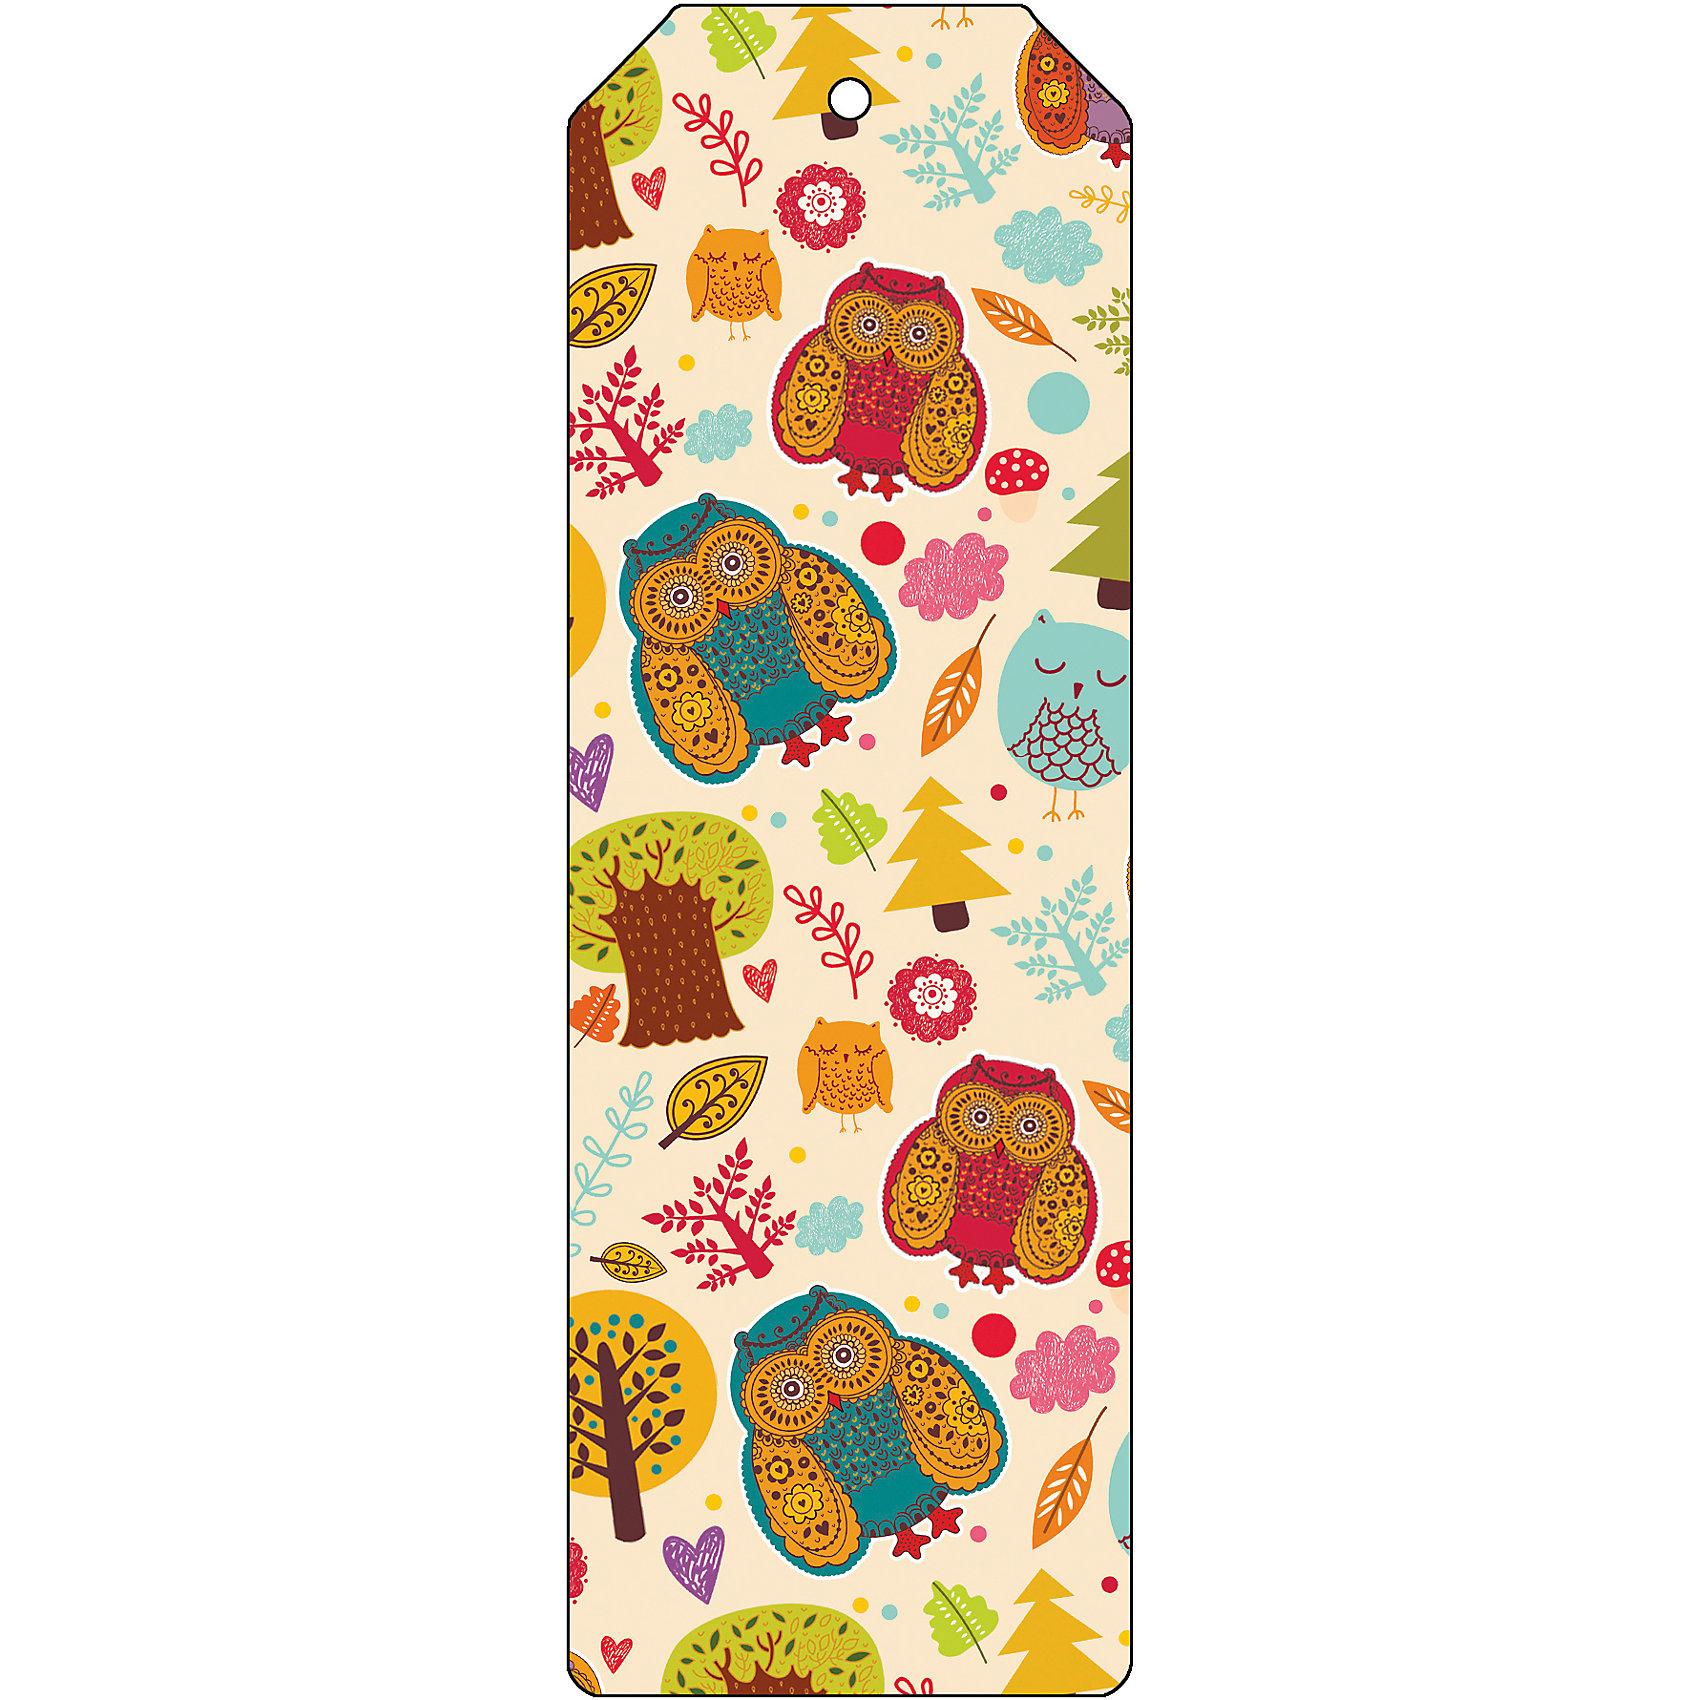 Закладка для книг декоративная СоваШкольные аксессуары<br>Характеристики декоративной закладки для книг Сова:<br><br>• тип: закладка<br>• материал: металл<br>• длина:15 см<br>• размеры: 19 x 6 x 0.5 см <br>• упаковка: пакет<br>• вес в упаковке, 45 г<br>• страна-изготовитель: Китай<br><br>Декоративная закладка для книг Сова будет отличным подарком для тех, кто не мыслит свою жизнь без книг. Закладка представляет собой пластину из черного окрашенного металла с яркими мультяшными совами. Закладка украсит не только книгу, но сделает нарядным и оригинальным стандартный органайзер или семейный альбом.<br><br>Декоративную закладку для книг Сова можно купить в нашем интернет-магазине.<br><br>Ширина мм: 150<br>Глубина мм: 50<br>Высота мм: 10<br>Вес г: 31<br>Возраст от месяцев: 48<br>Возраст до месяцев: 144<br>Пол: Унисекс<br>Возраст: Детский<br>SKU: 5479445